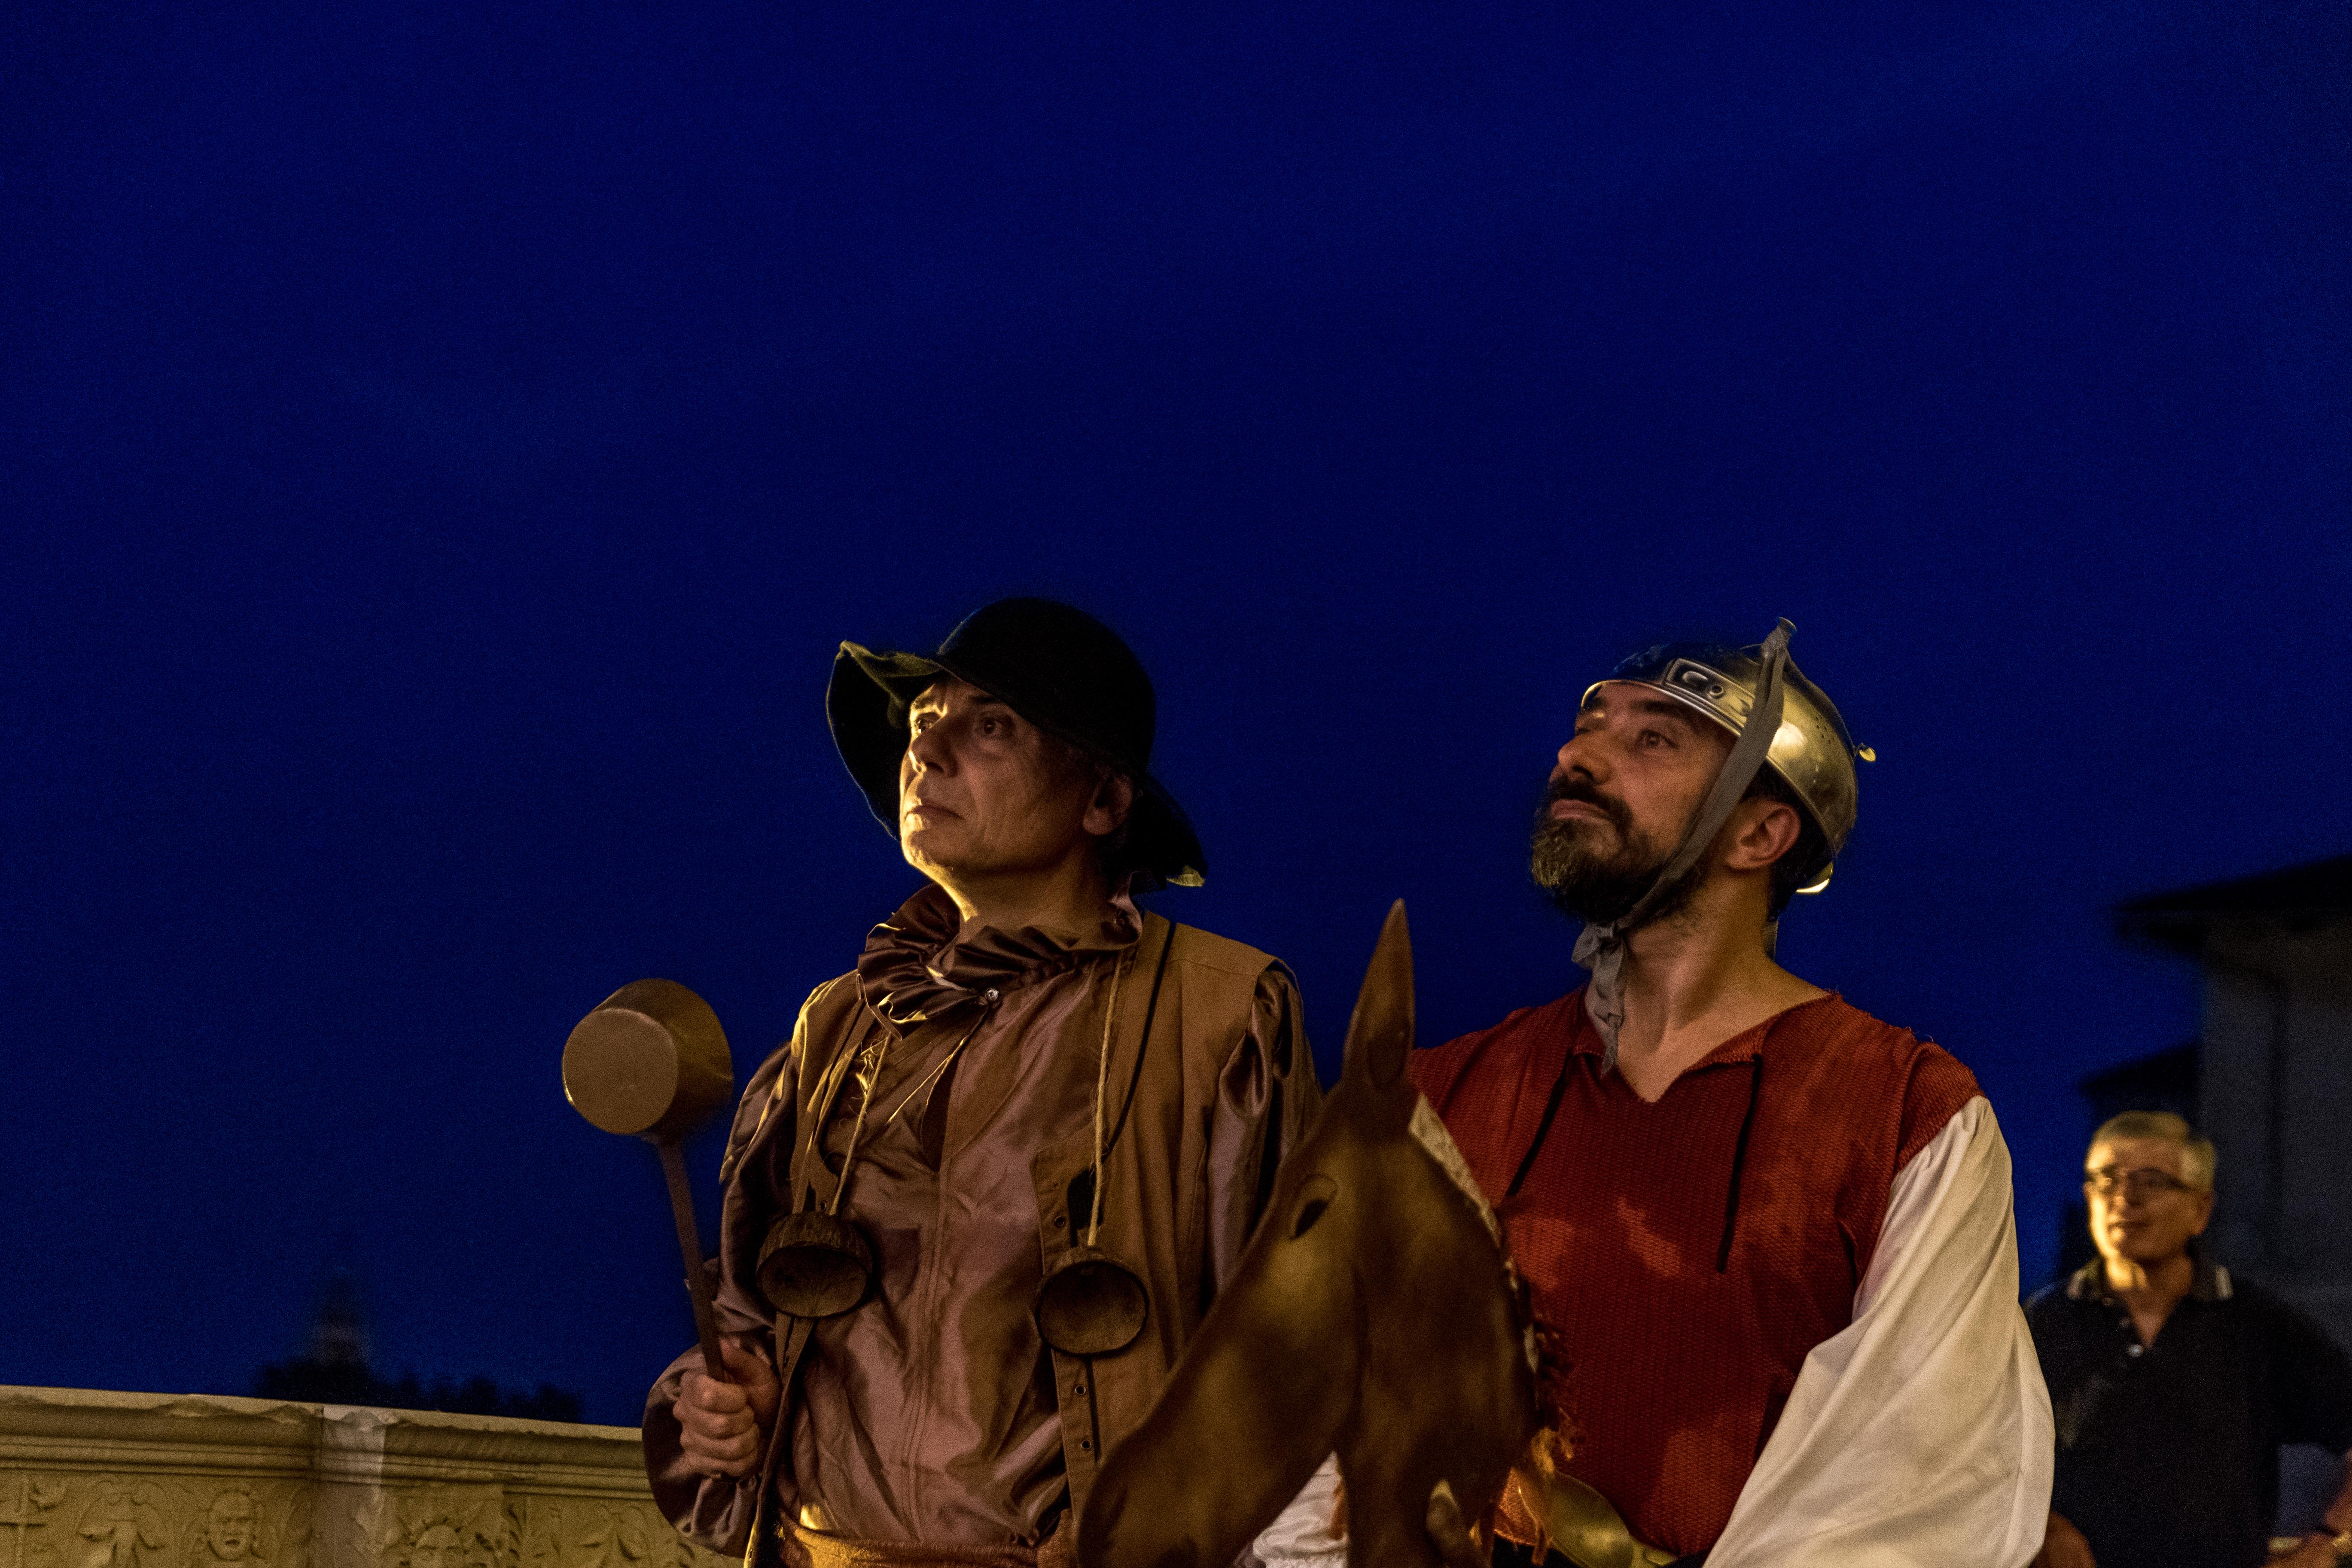 Don Chisciotte e il compagno di avventure Sancho Panza a Casa Cavassa